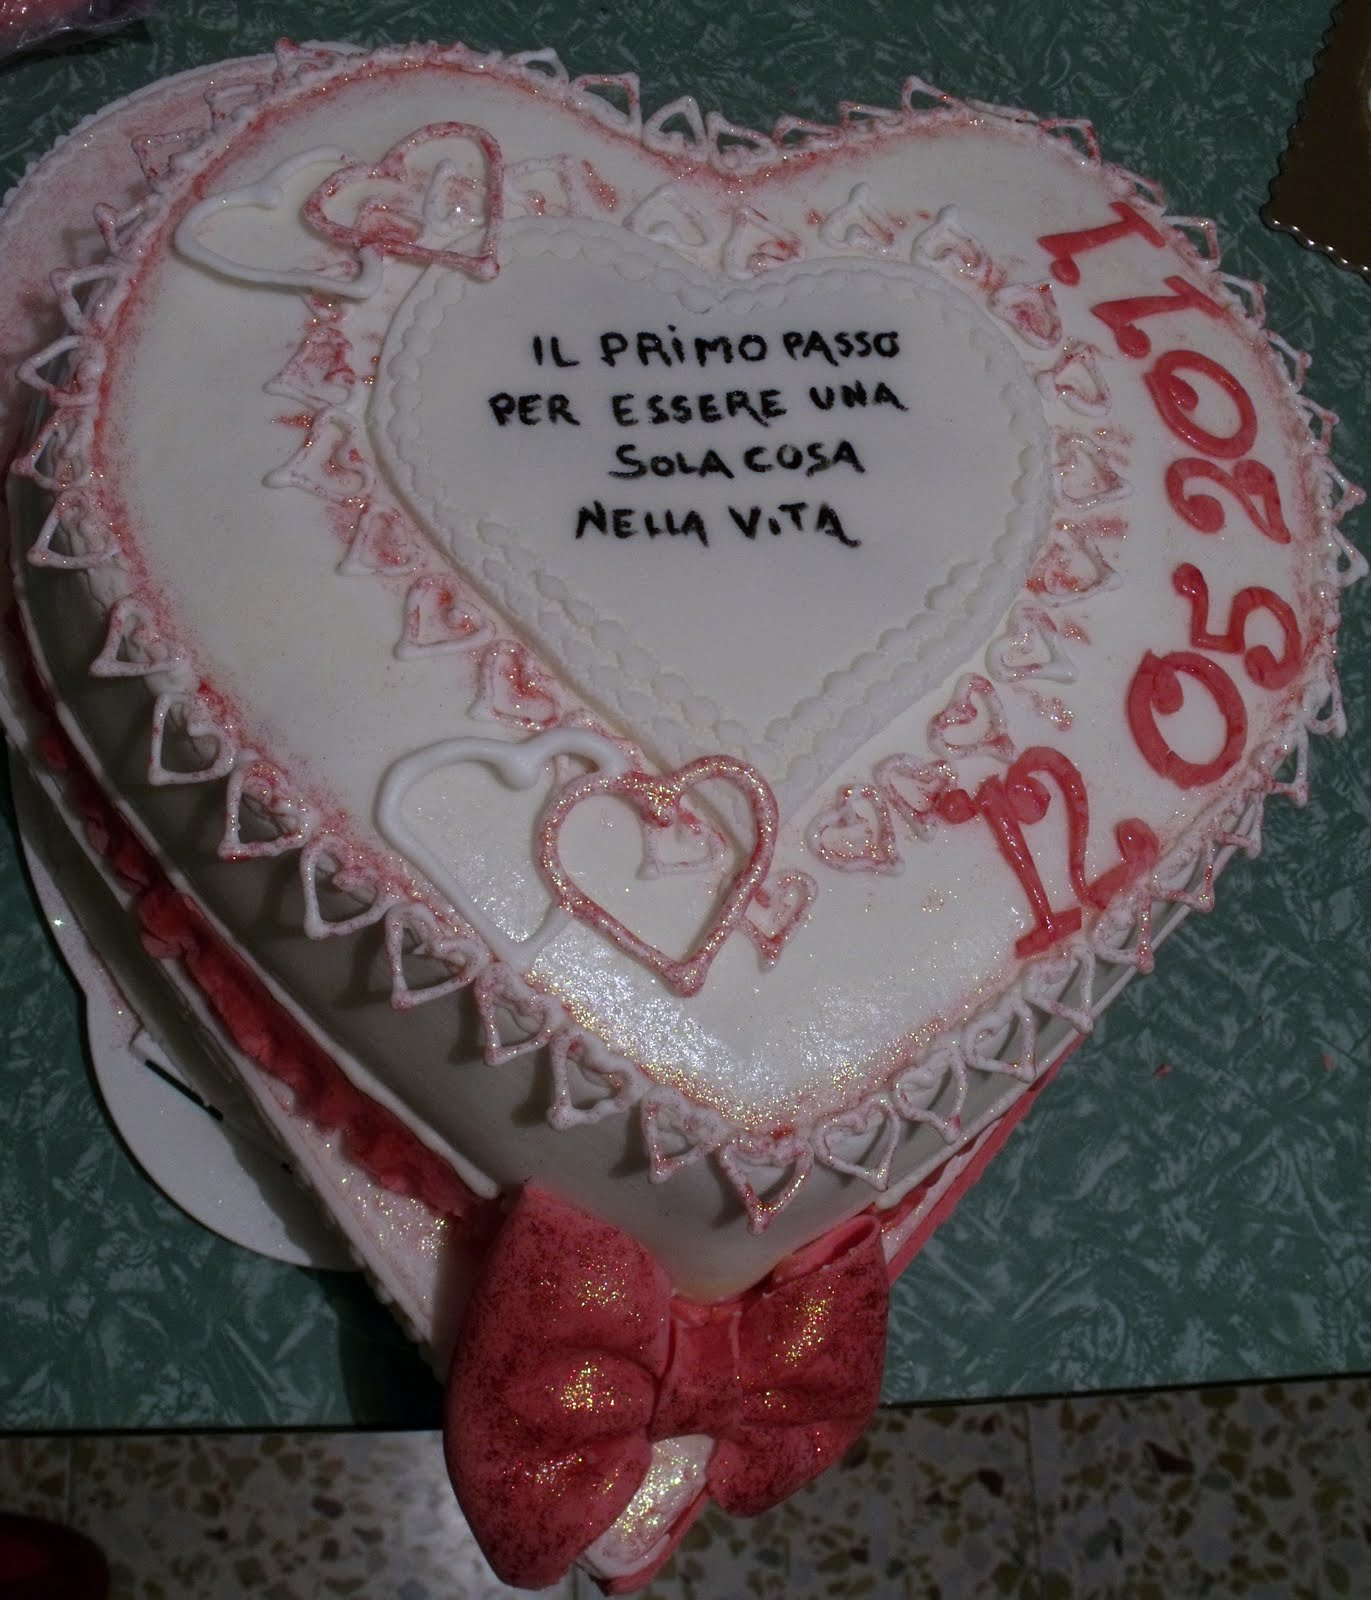 Super Le torte di Zia Pà: PROMESSA DI MATRIMONIO NO66